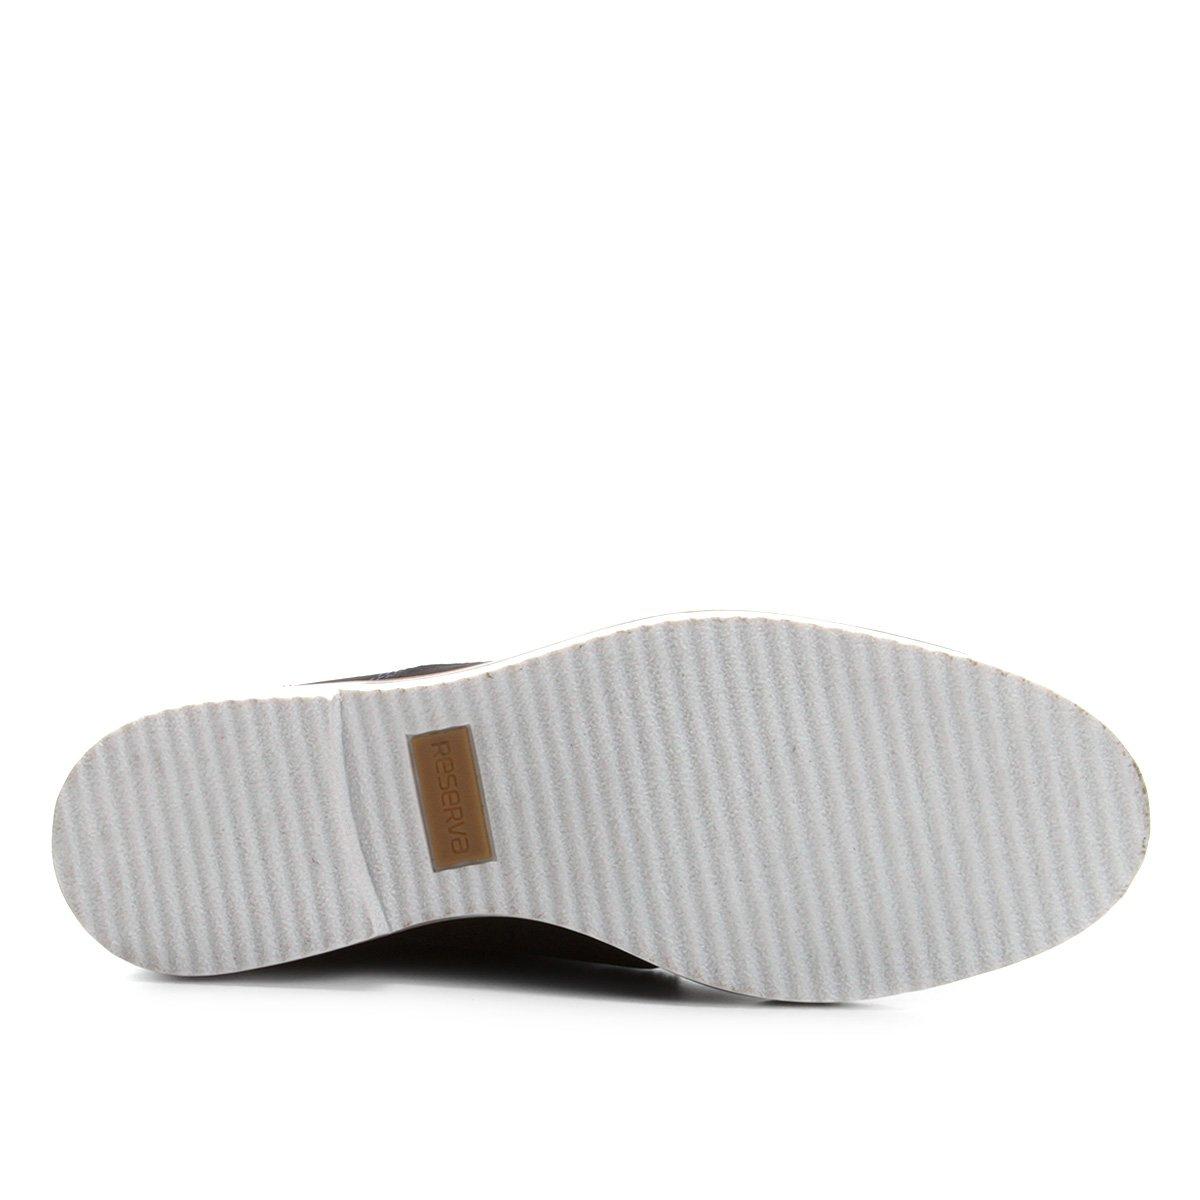 Casual Lipe Couro Sapato Sapato Marinho Masculino Casual Reserva nWWET